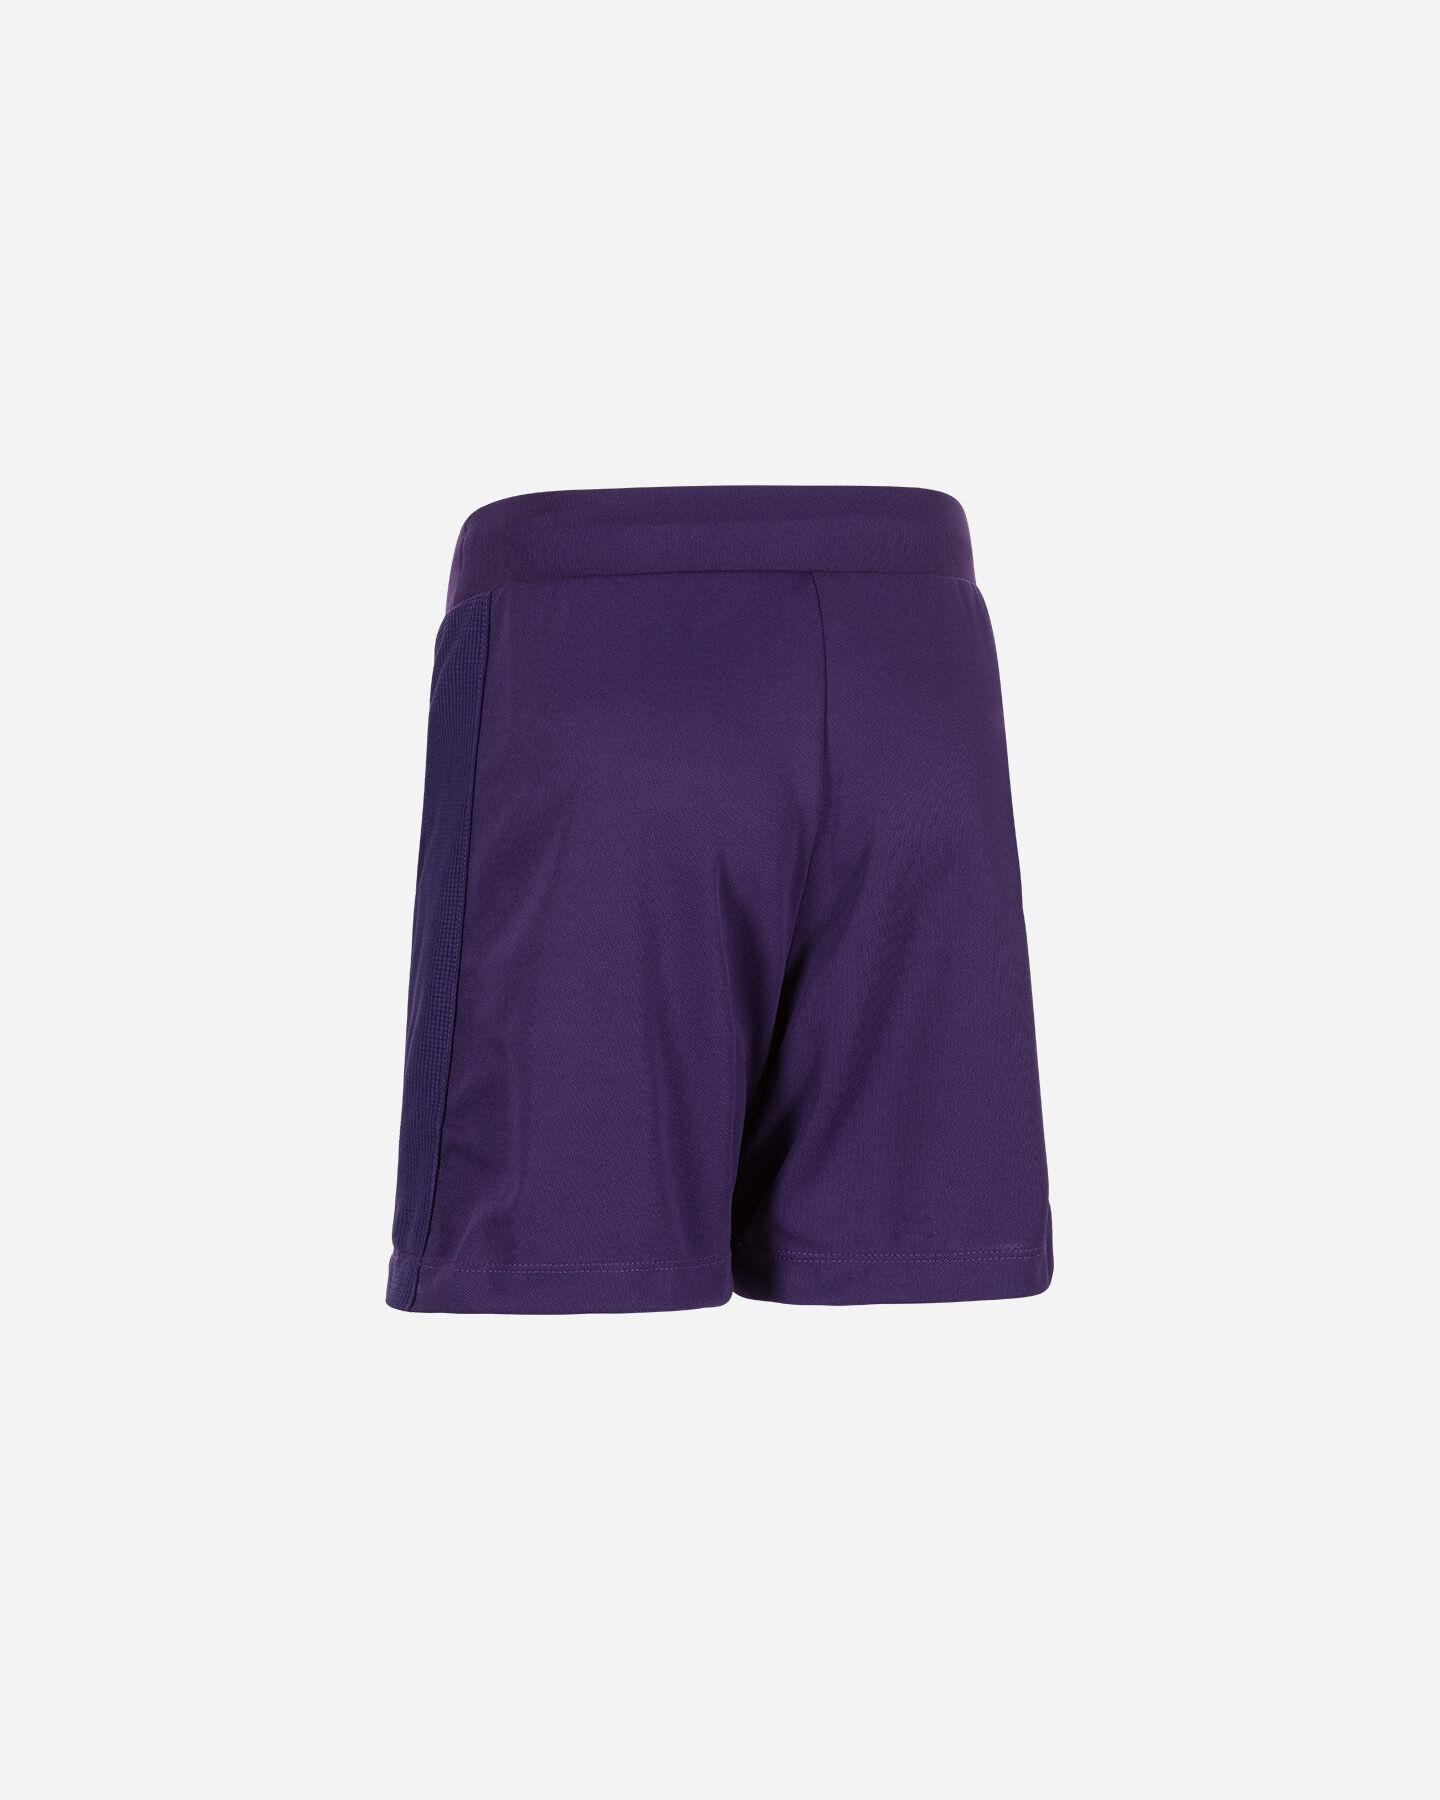 Pantaloncini calcio LE COQ SPORTIF FIORENTINA 19-20 JR S5185063 scatto 1